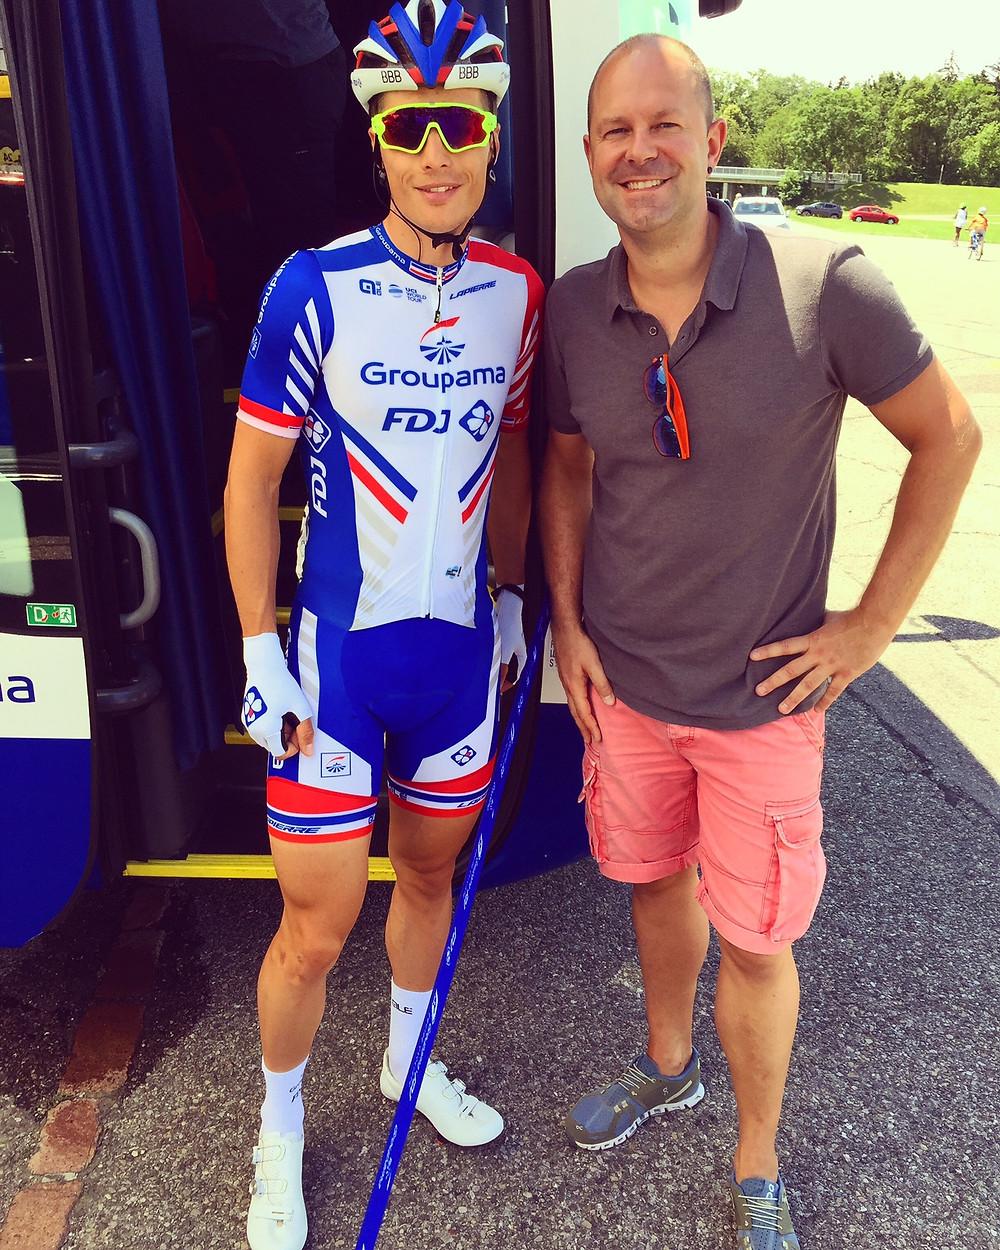 Arthur Vichot et Olivier Normand (groom design) lors de la 2ème étape du Tour de Suisse 2018 (Frauenfeld - Frauenfeld)